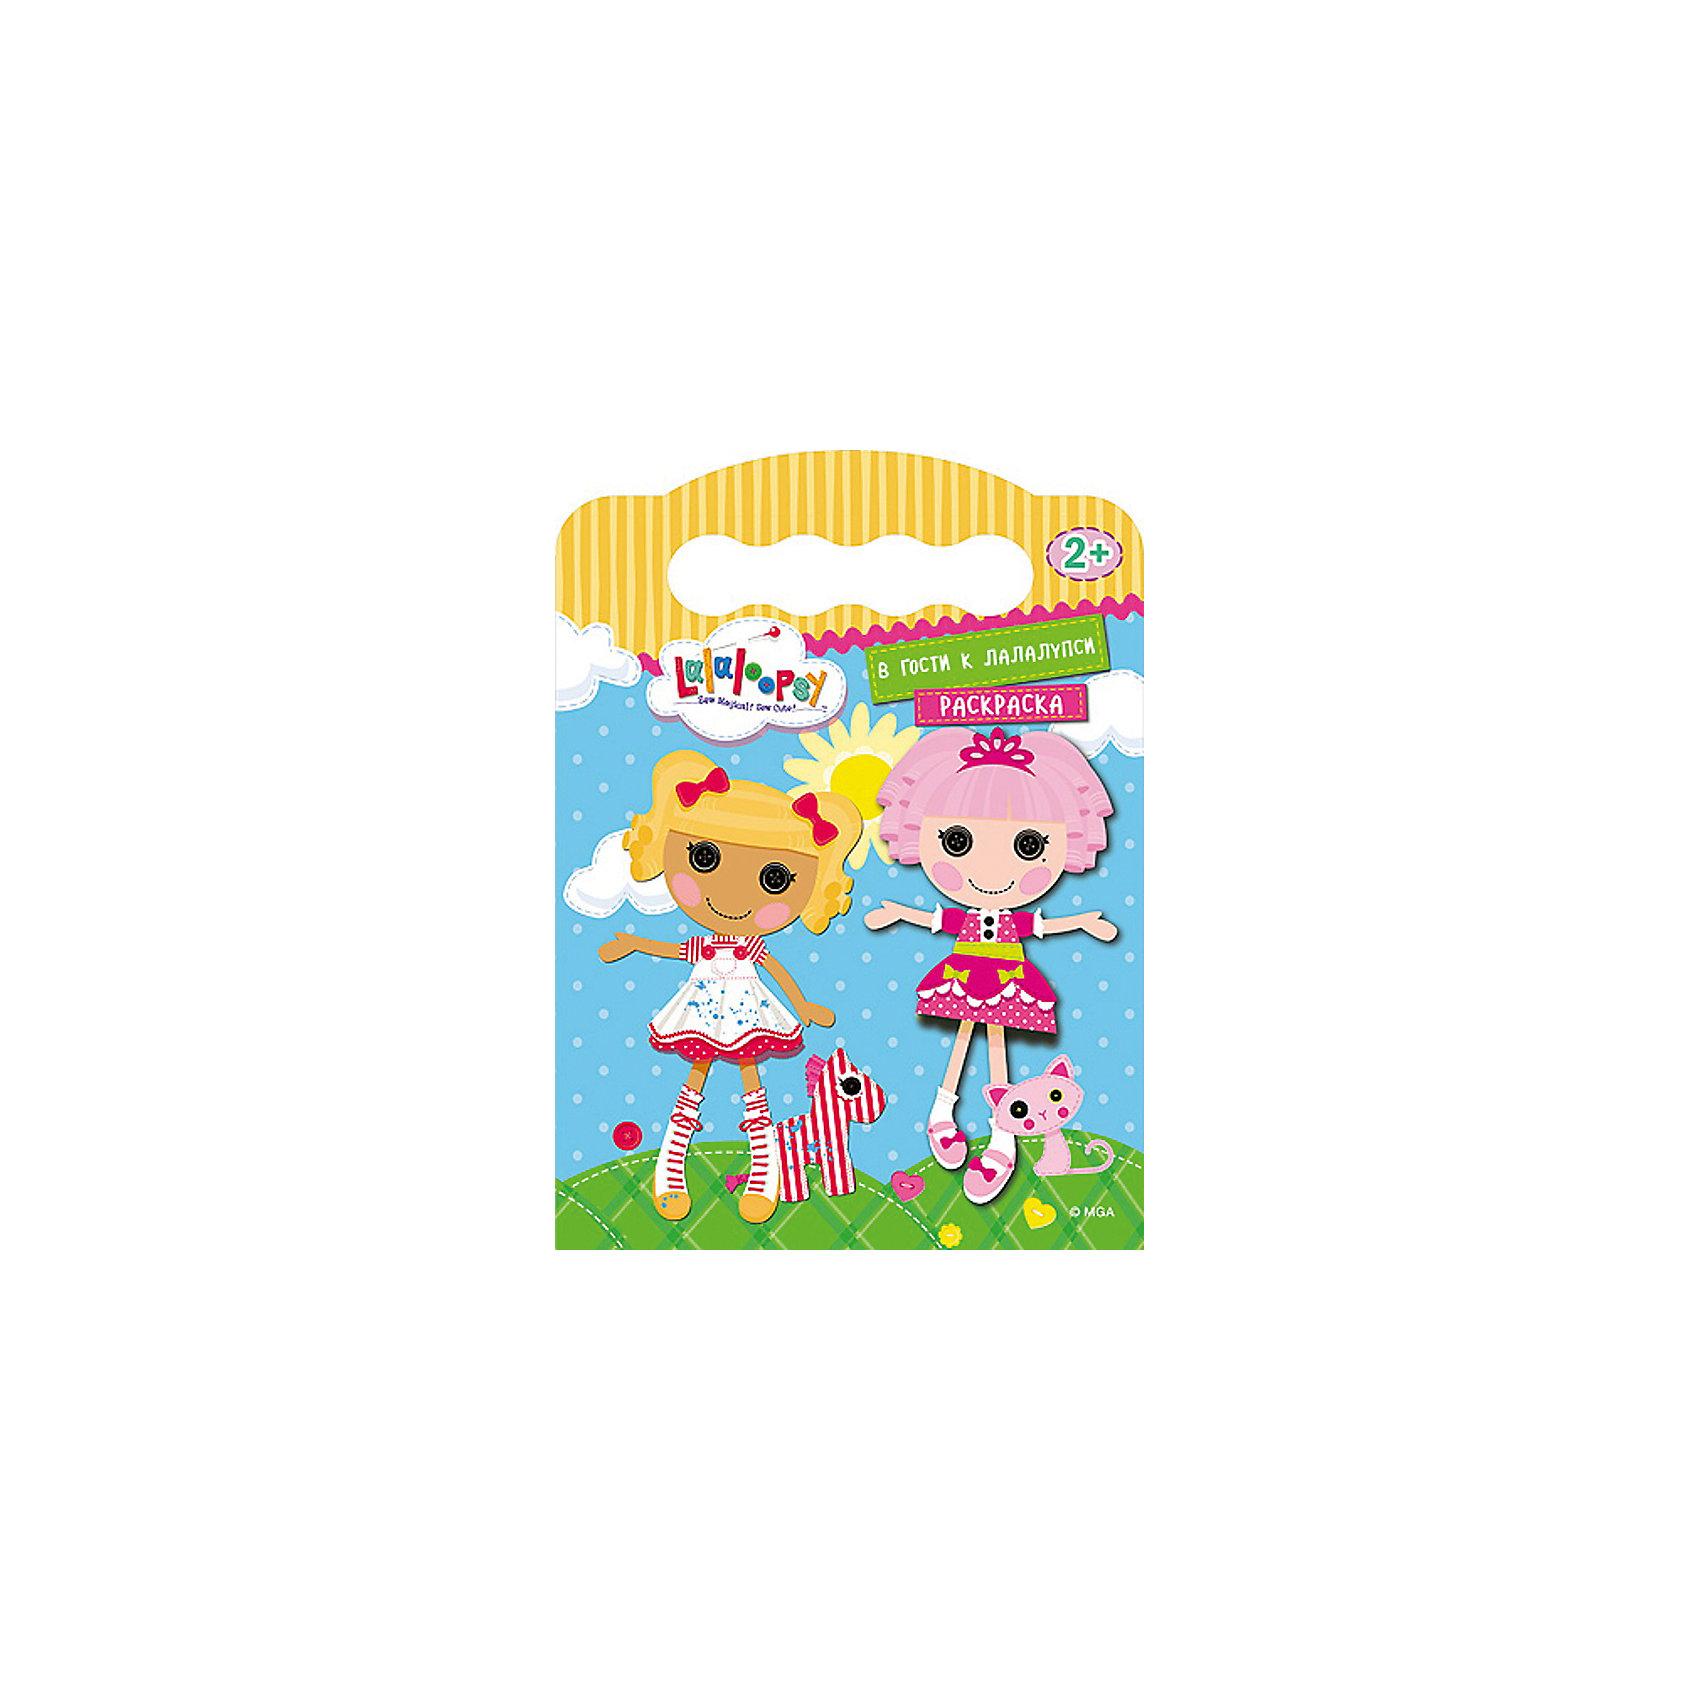 Раскраска В гости к ЛалалупсиЭто не шутки - раскраски для малютки! Красивые картинки для самых маленьких — отличный подарок для тех,кто любит куколок Лалалупси. Их можно раскрашивать всеми цветами радуги: милые крошки обожают яркие краски!<br><br>Дополнительная информация:<br><br>Переплет: Скрепка<br>Страниц: 8<br>Формат: 205х280<br><br>Раскраску В гости к Лалалупси можно купить в нашем магазине.<br><br>Ширина мм: 205<br>Глубина мм: 2<br>Высота мм: 280<br>Вес г: 30<br>Возраст от месяцев: 24<br>Возраст до месяцев: 60<br>Пол: Женский<br>Возраст: Детский<br>SKU: 4347272